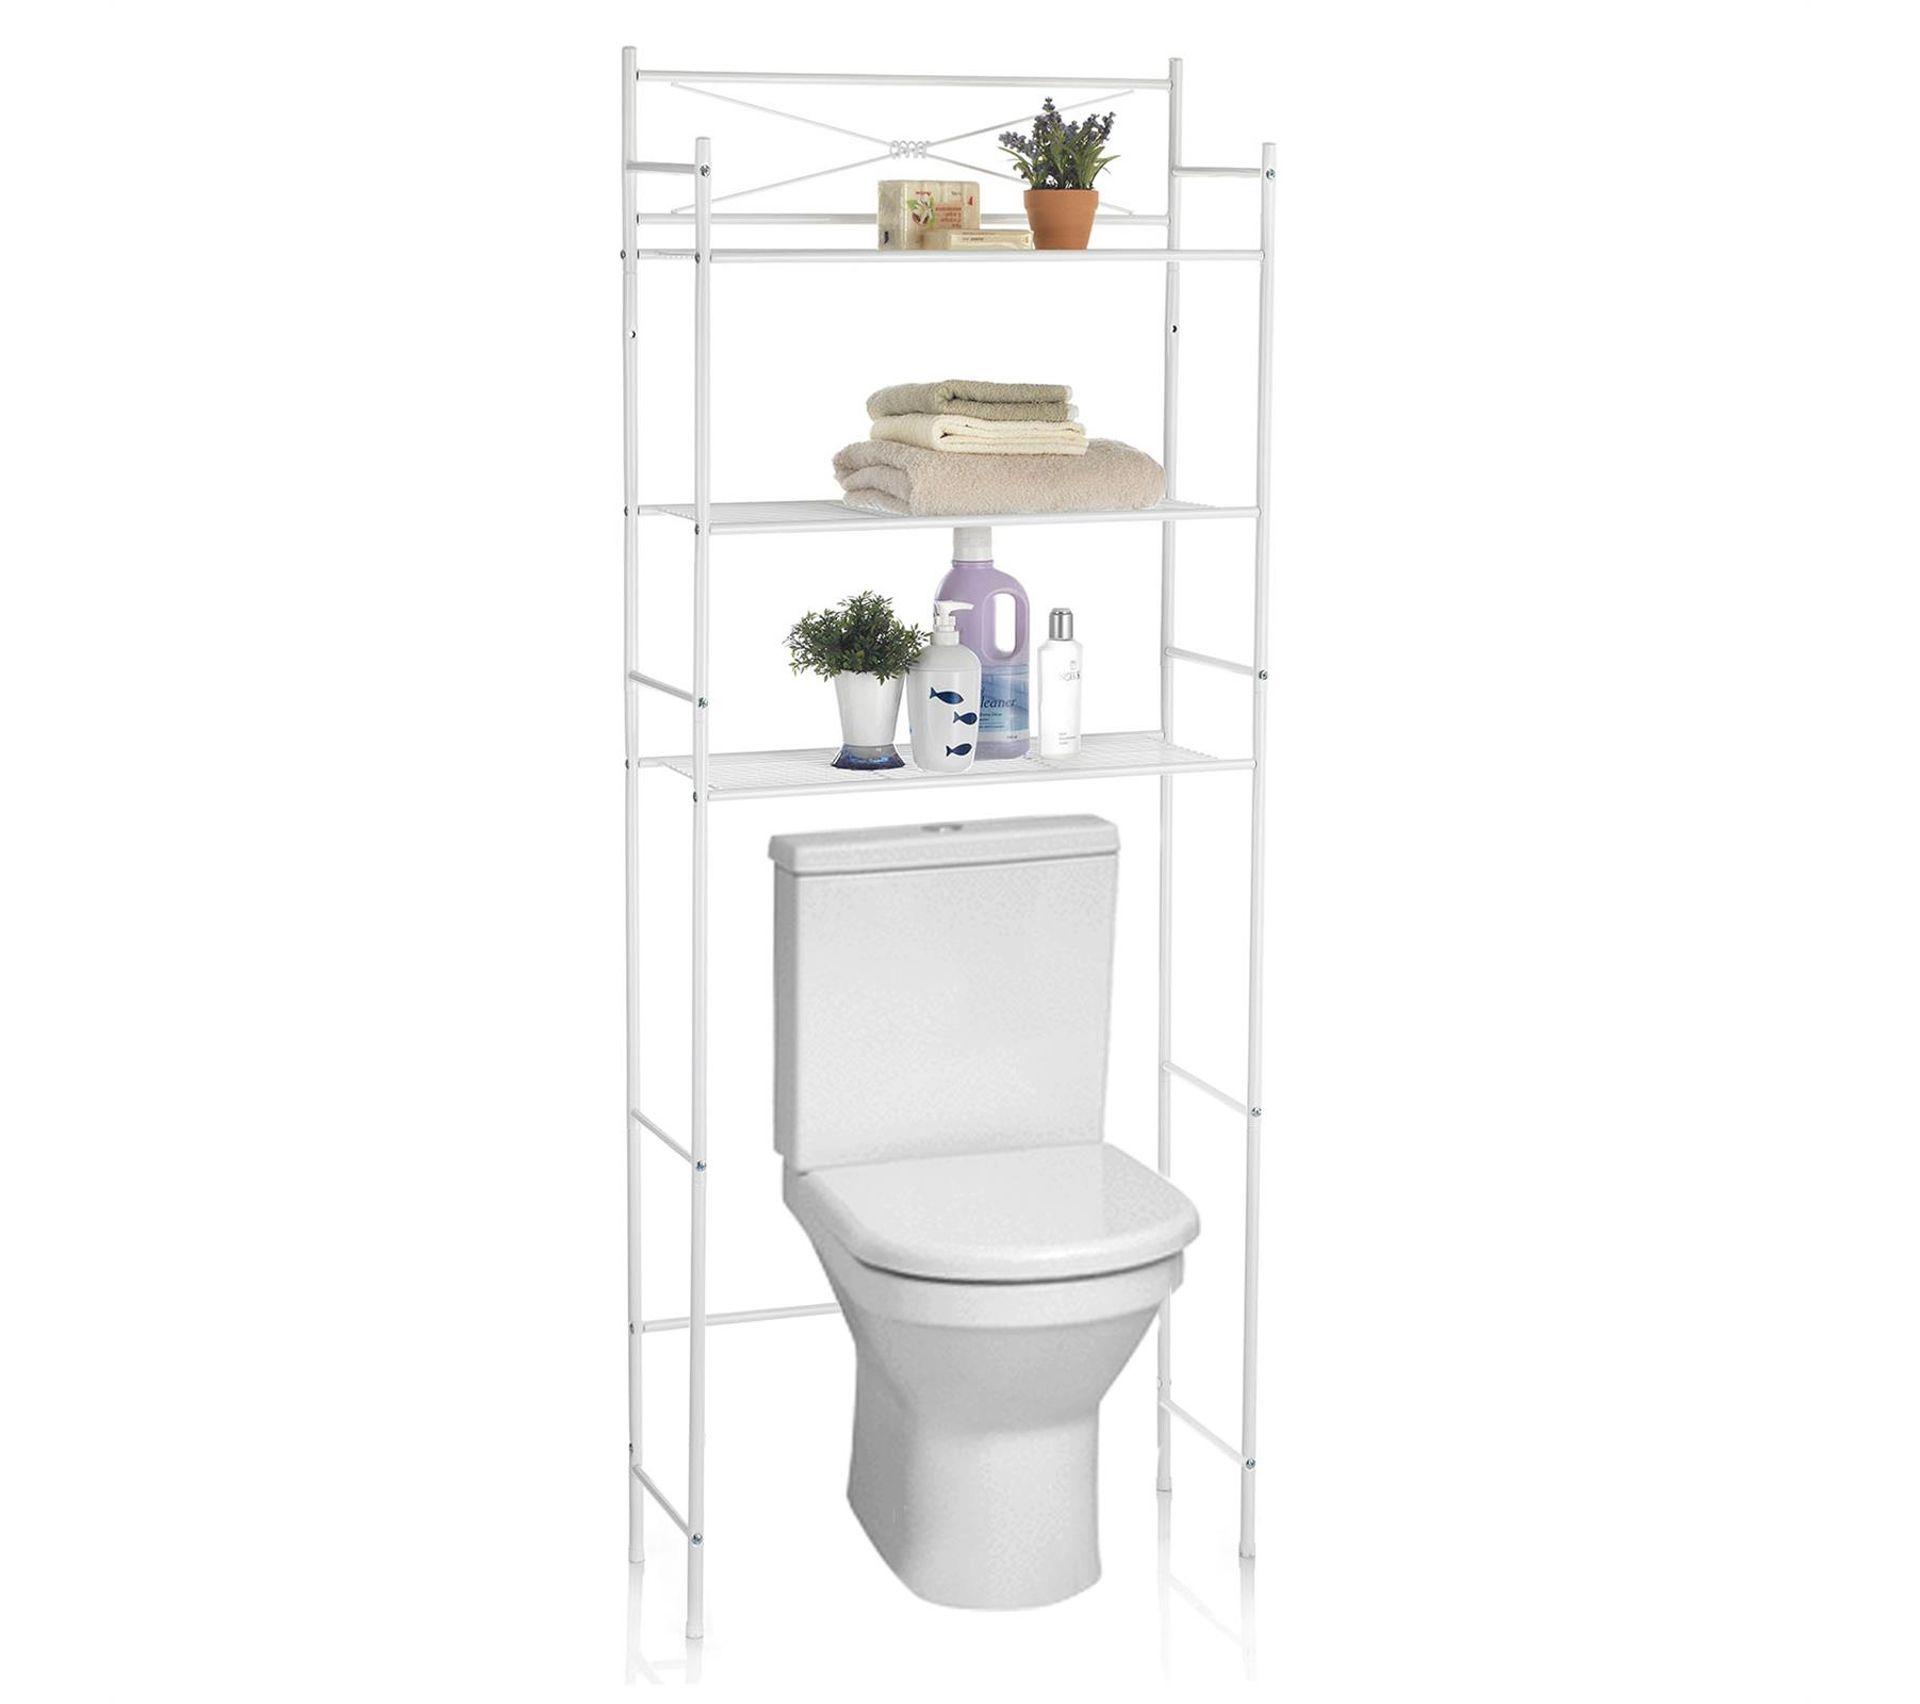 Lave Main Sur Wc Existant etagère de salle de bain marsa, rangement pour wc/lave-linge, en métal  laqué blanc